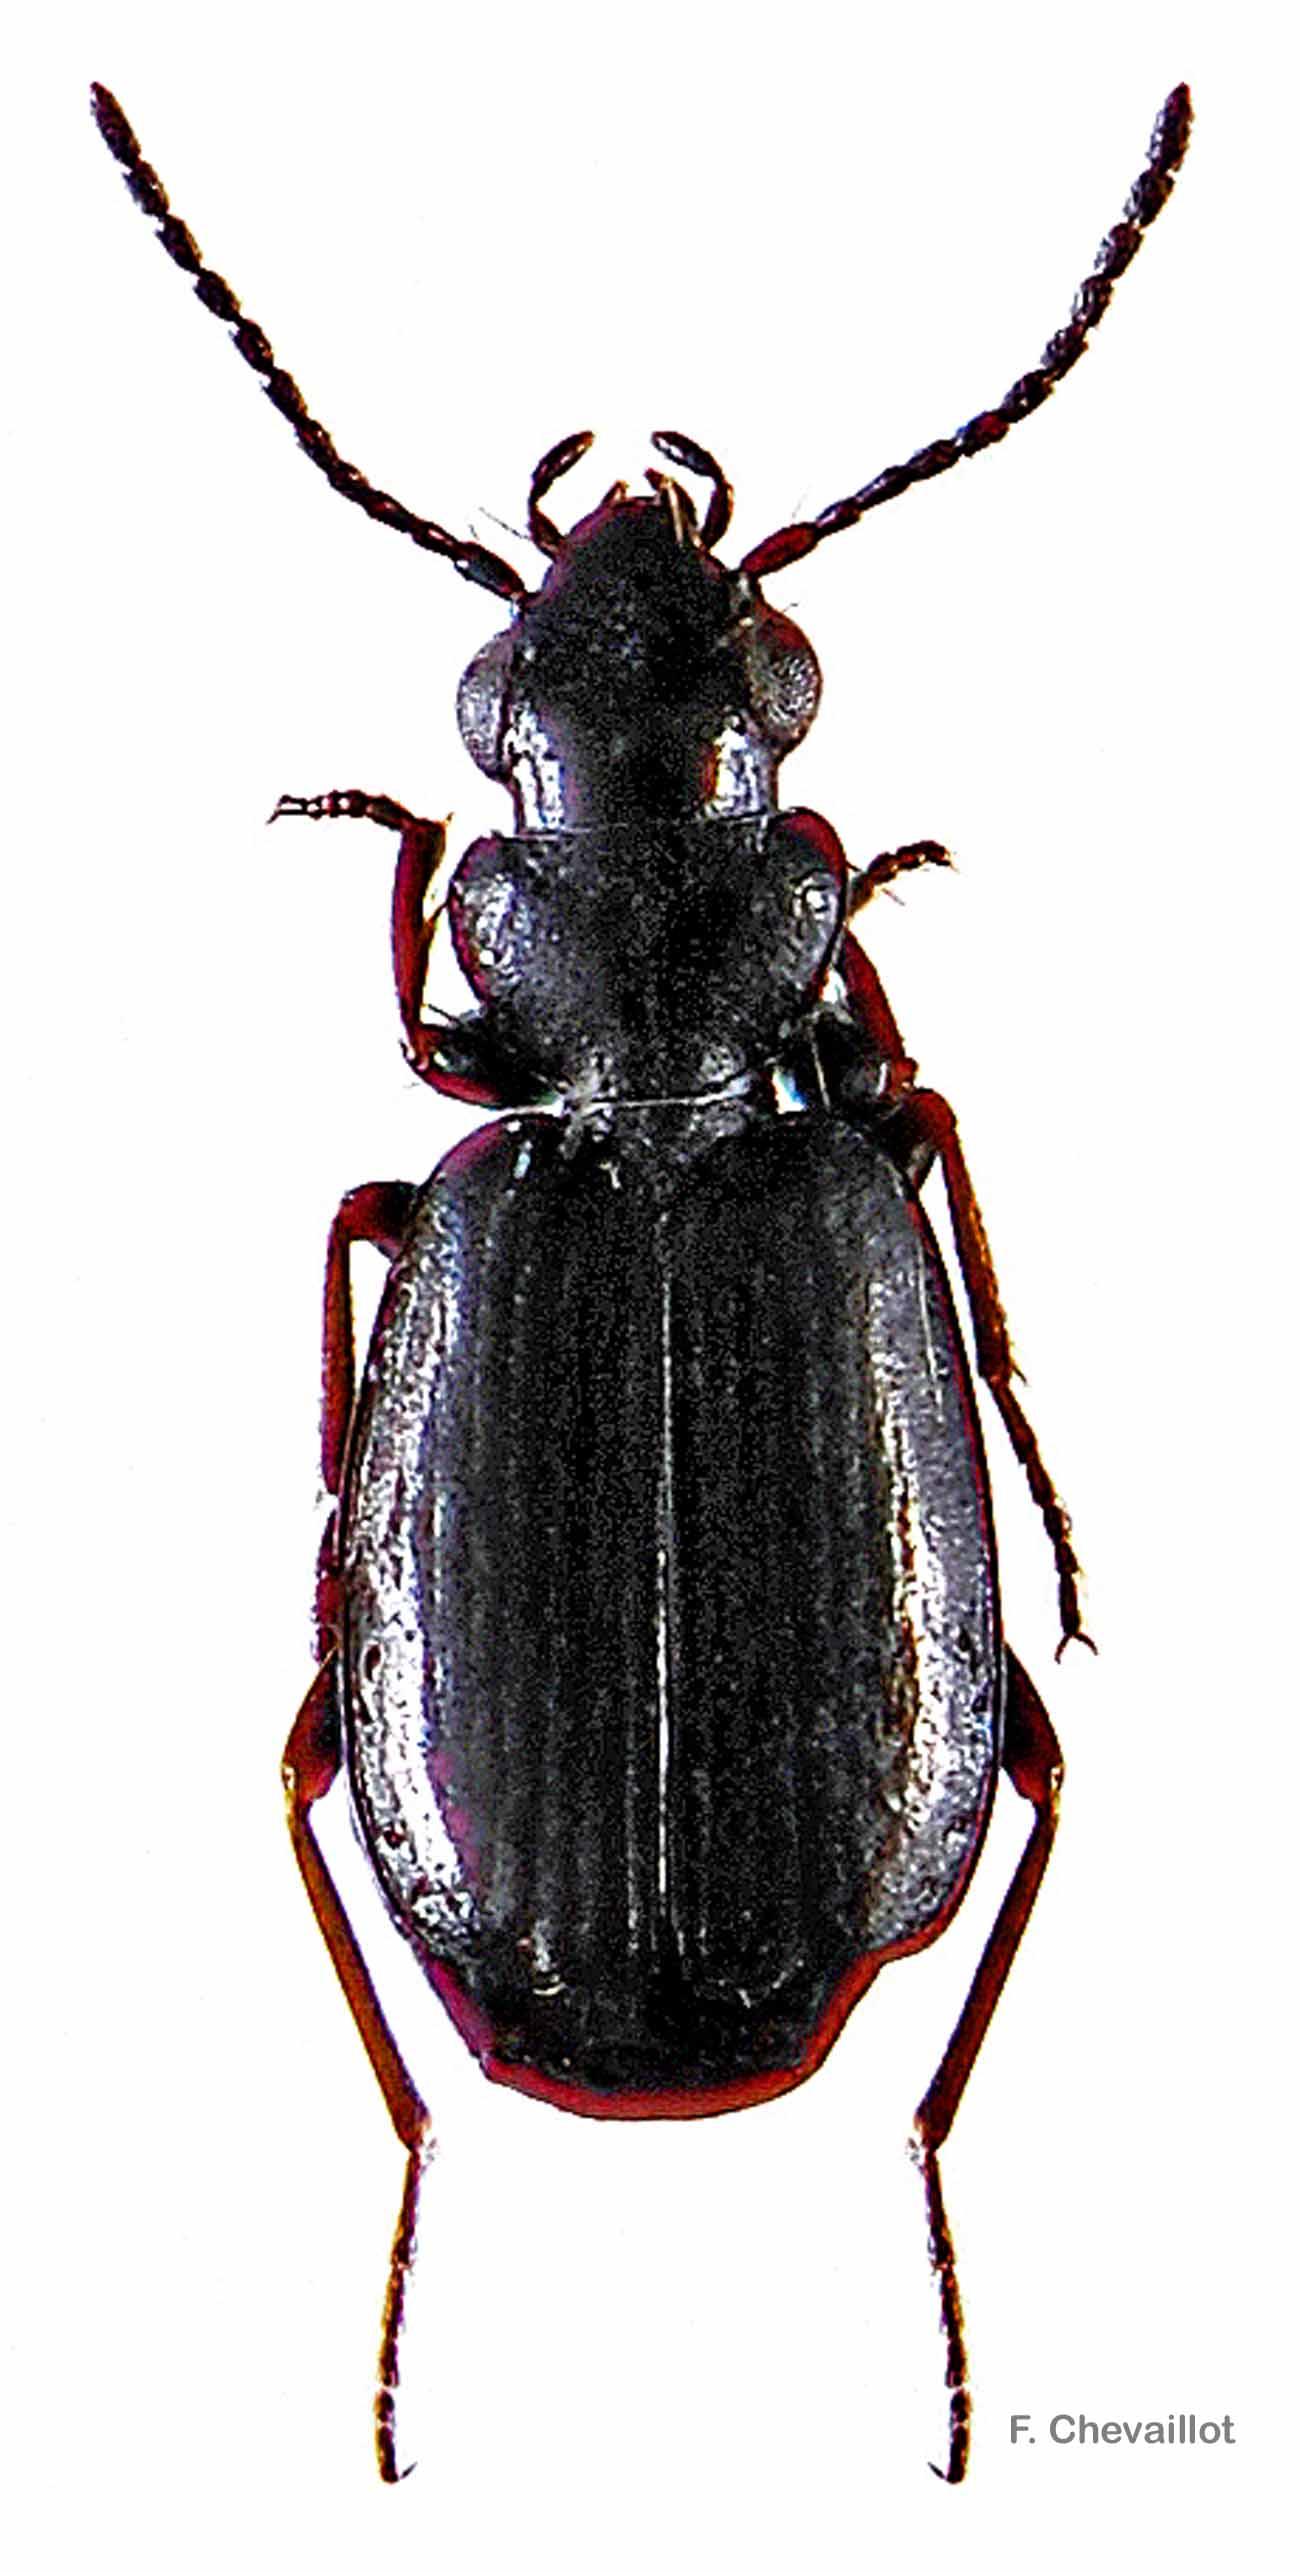 Syntomus truncatellus